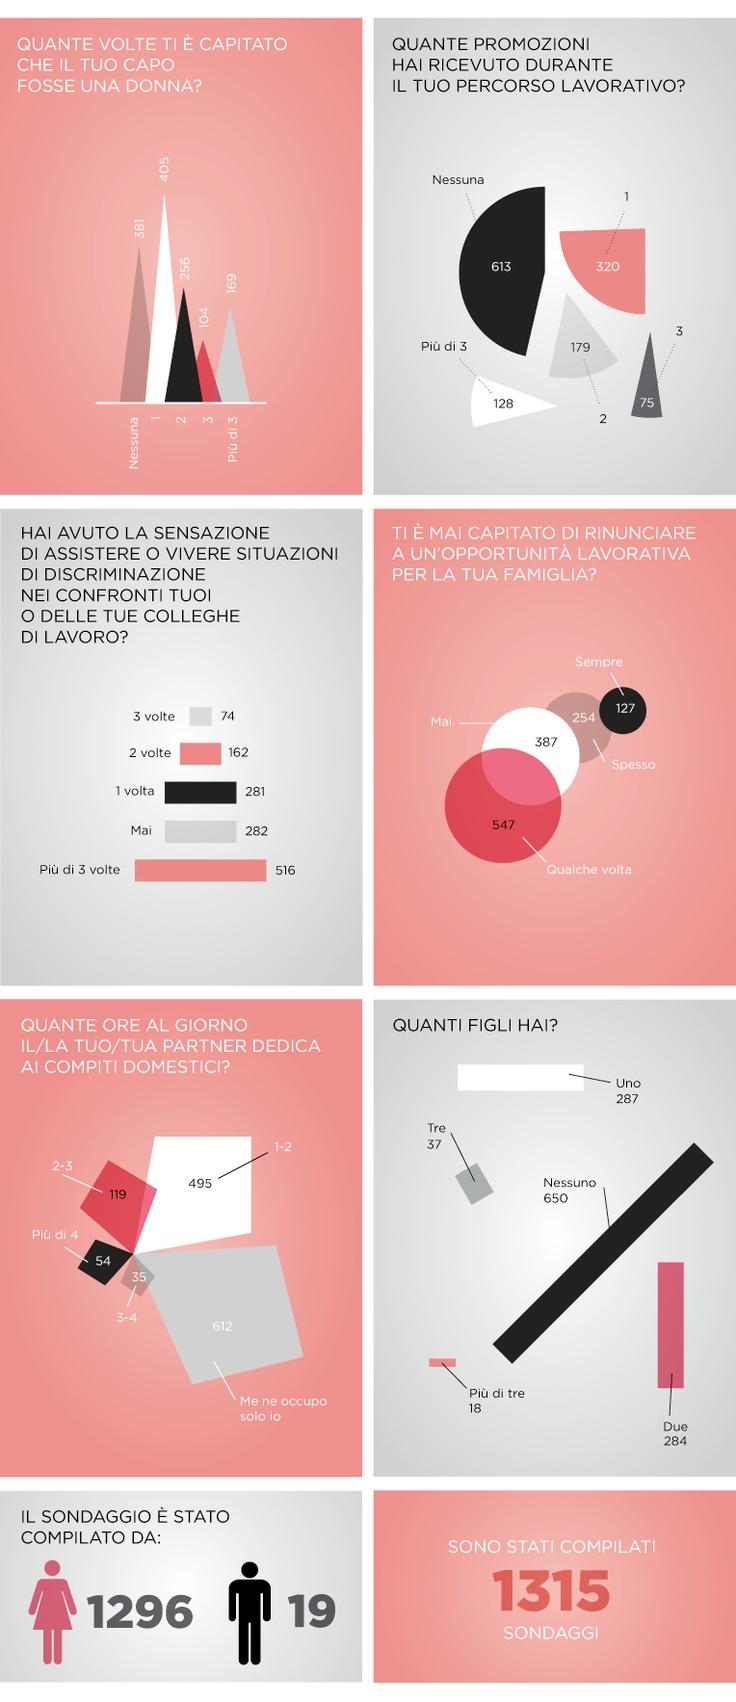 #donne #lavoro #carriera #SherylSandberg  #infografica